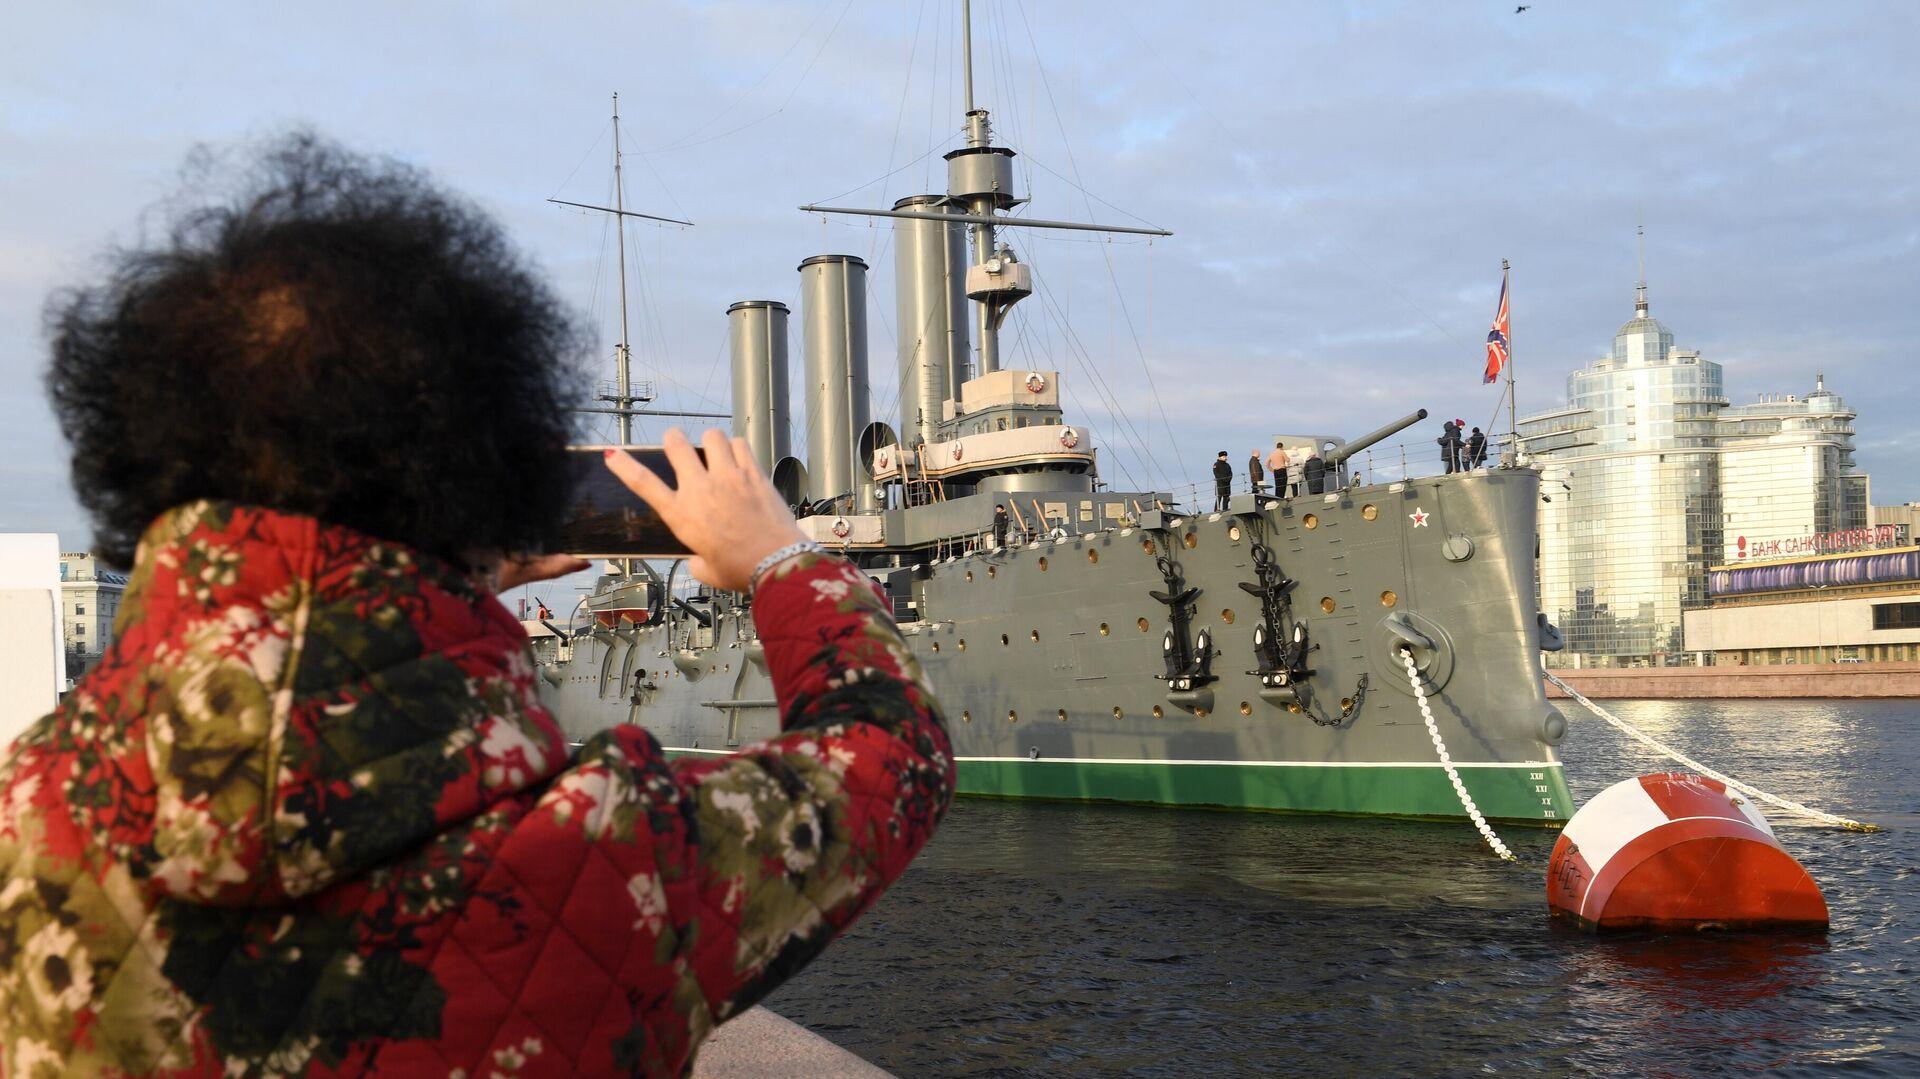 Туристка фотографирует музей Крейсер Аврора в Санкт-Петербурге - РИА Новости, 1920, 20.07.2021